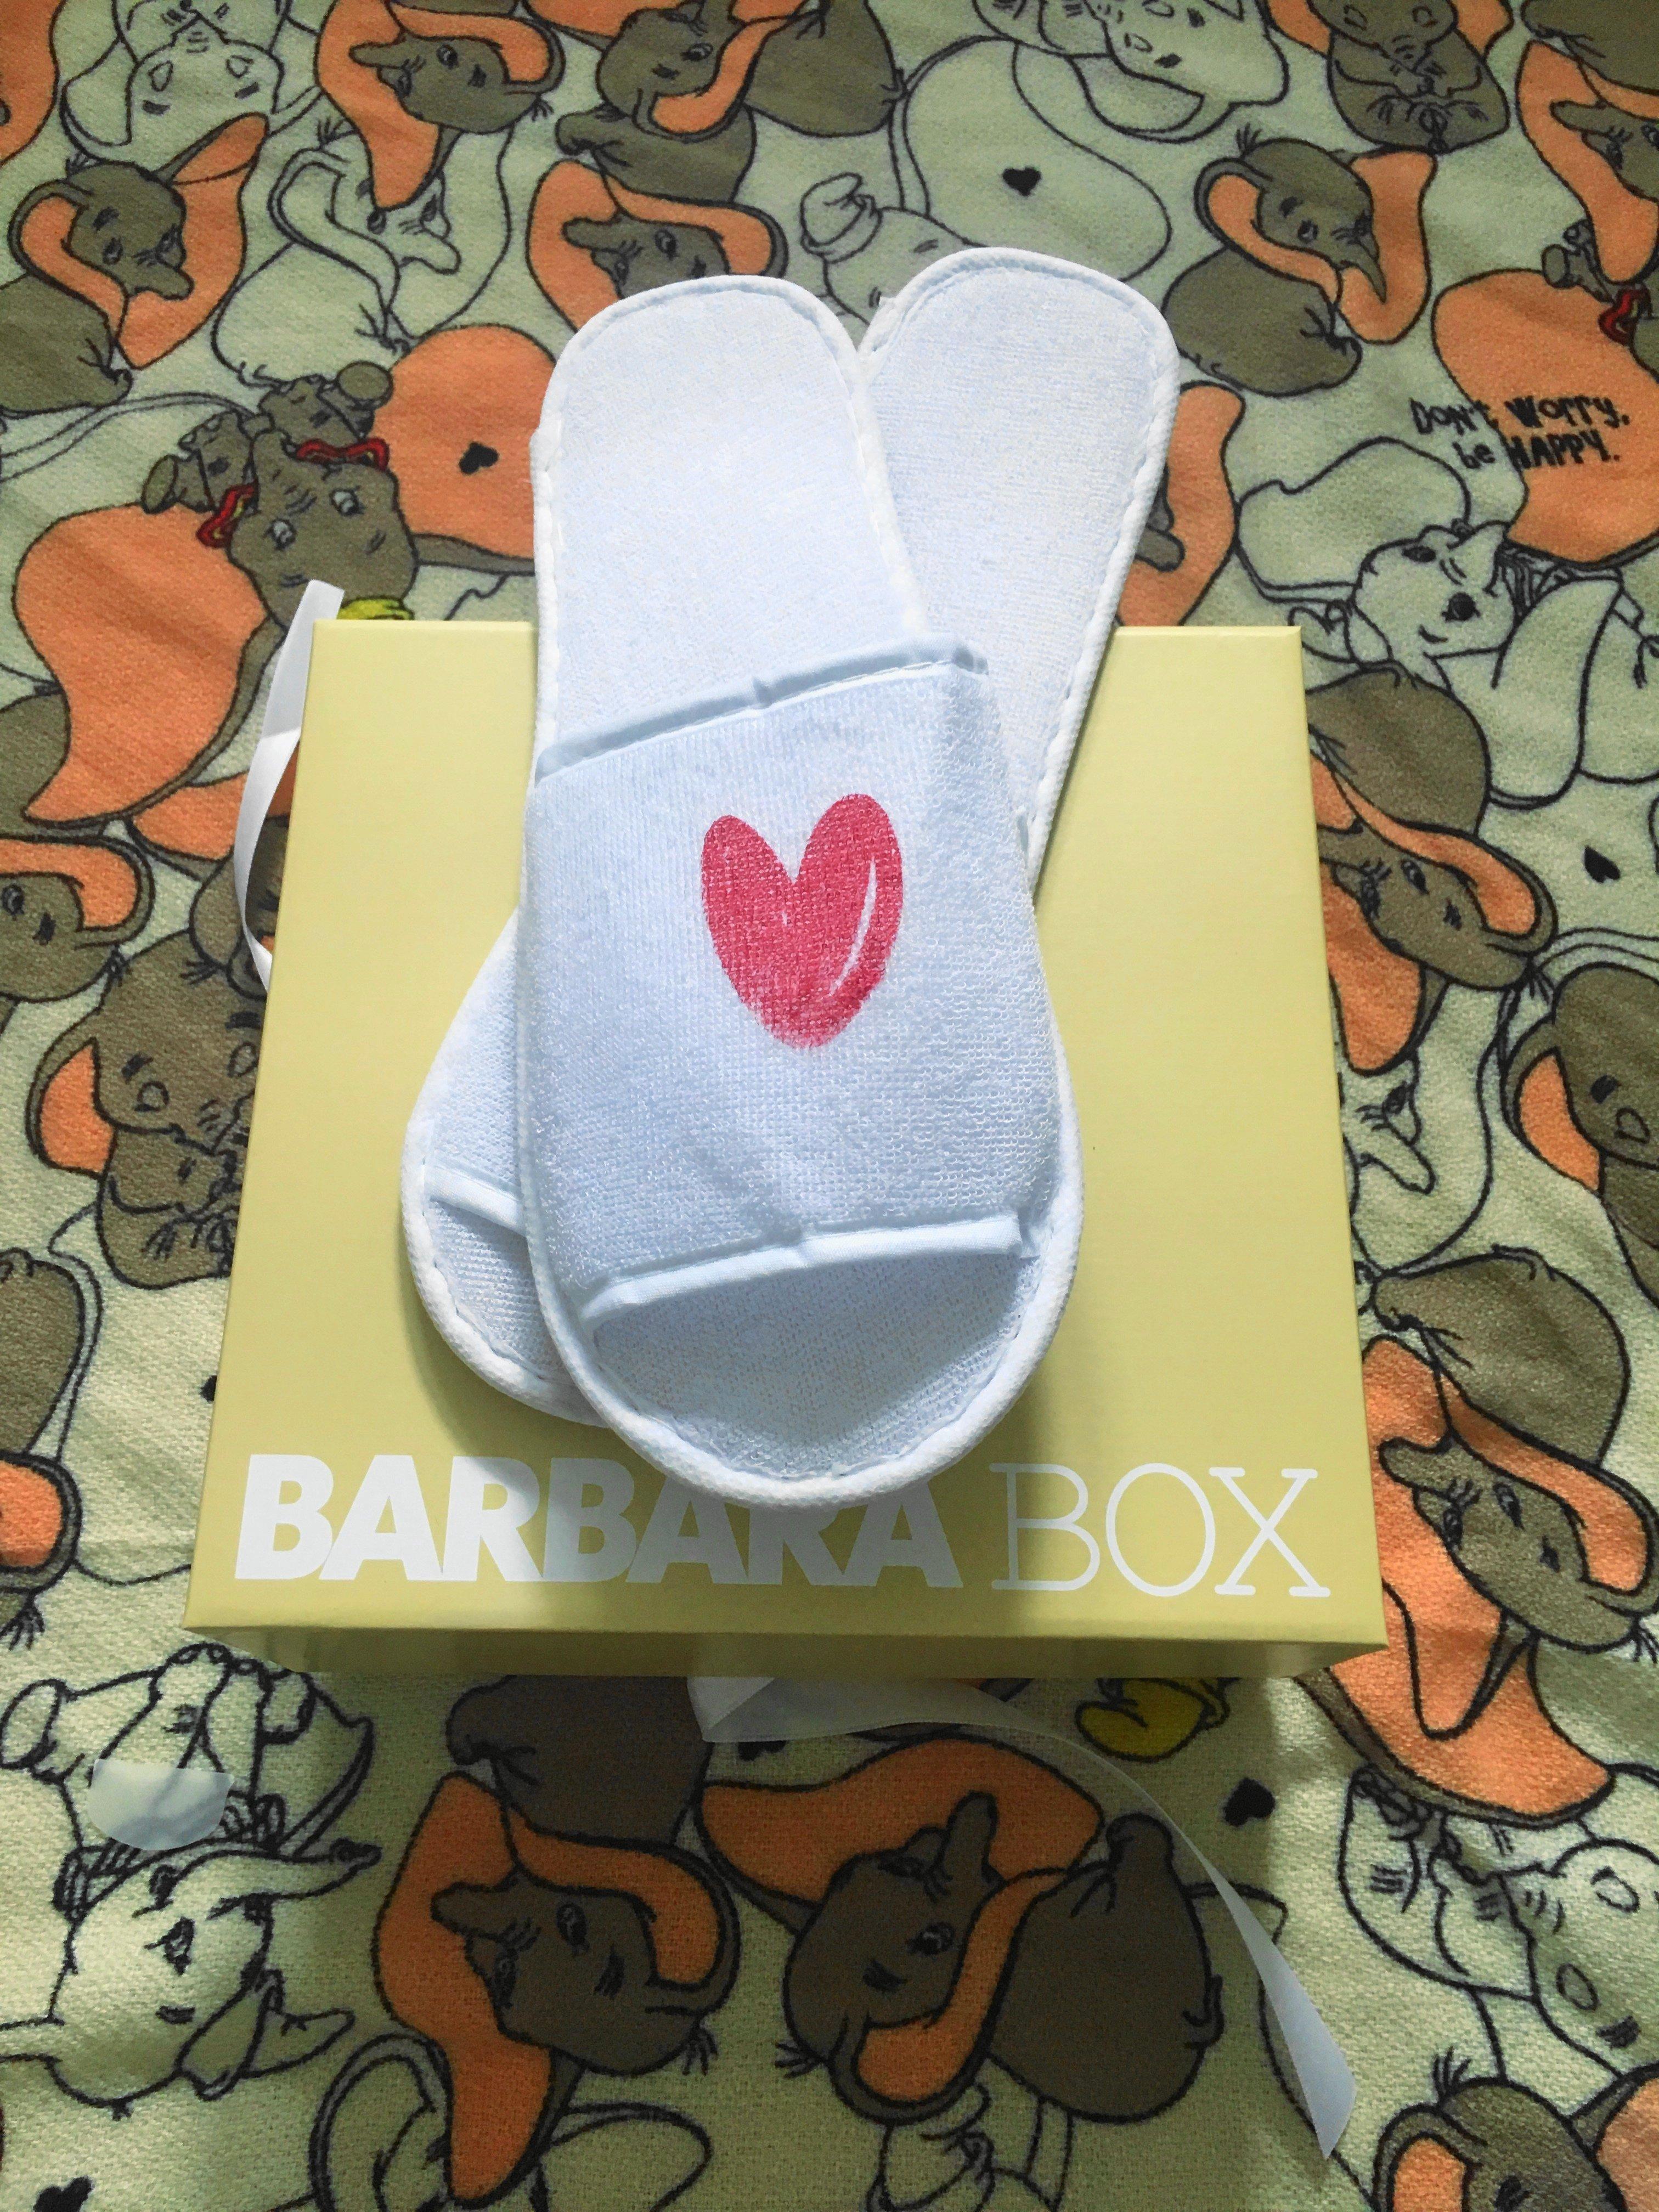 Heute stelle ich euch auf meinem Blog die aktuelle Barbara Box Wellness-Wochenede Edition näher vor und zeige euch alle enthaltenen top Produkte im Detail